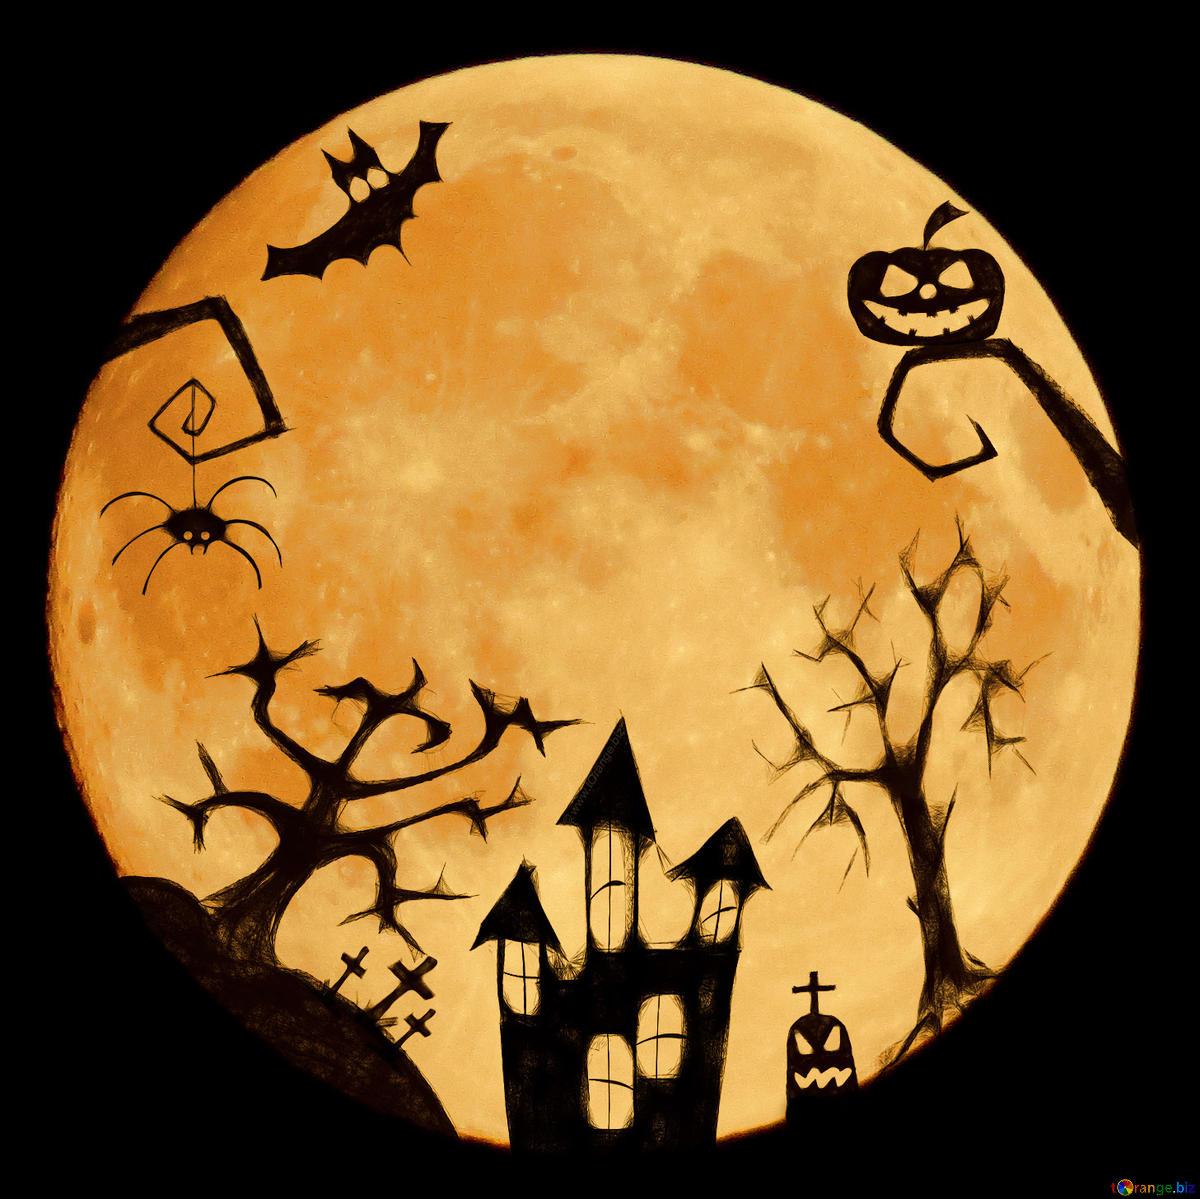 Baixar foto grátis Halloween clipart with moon na licença do.